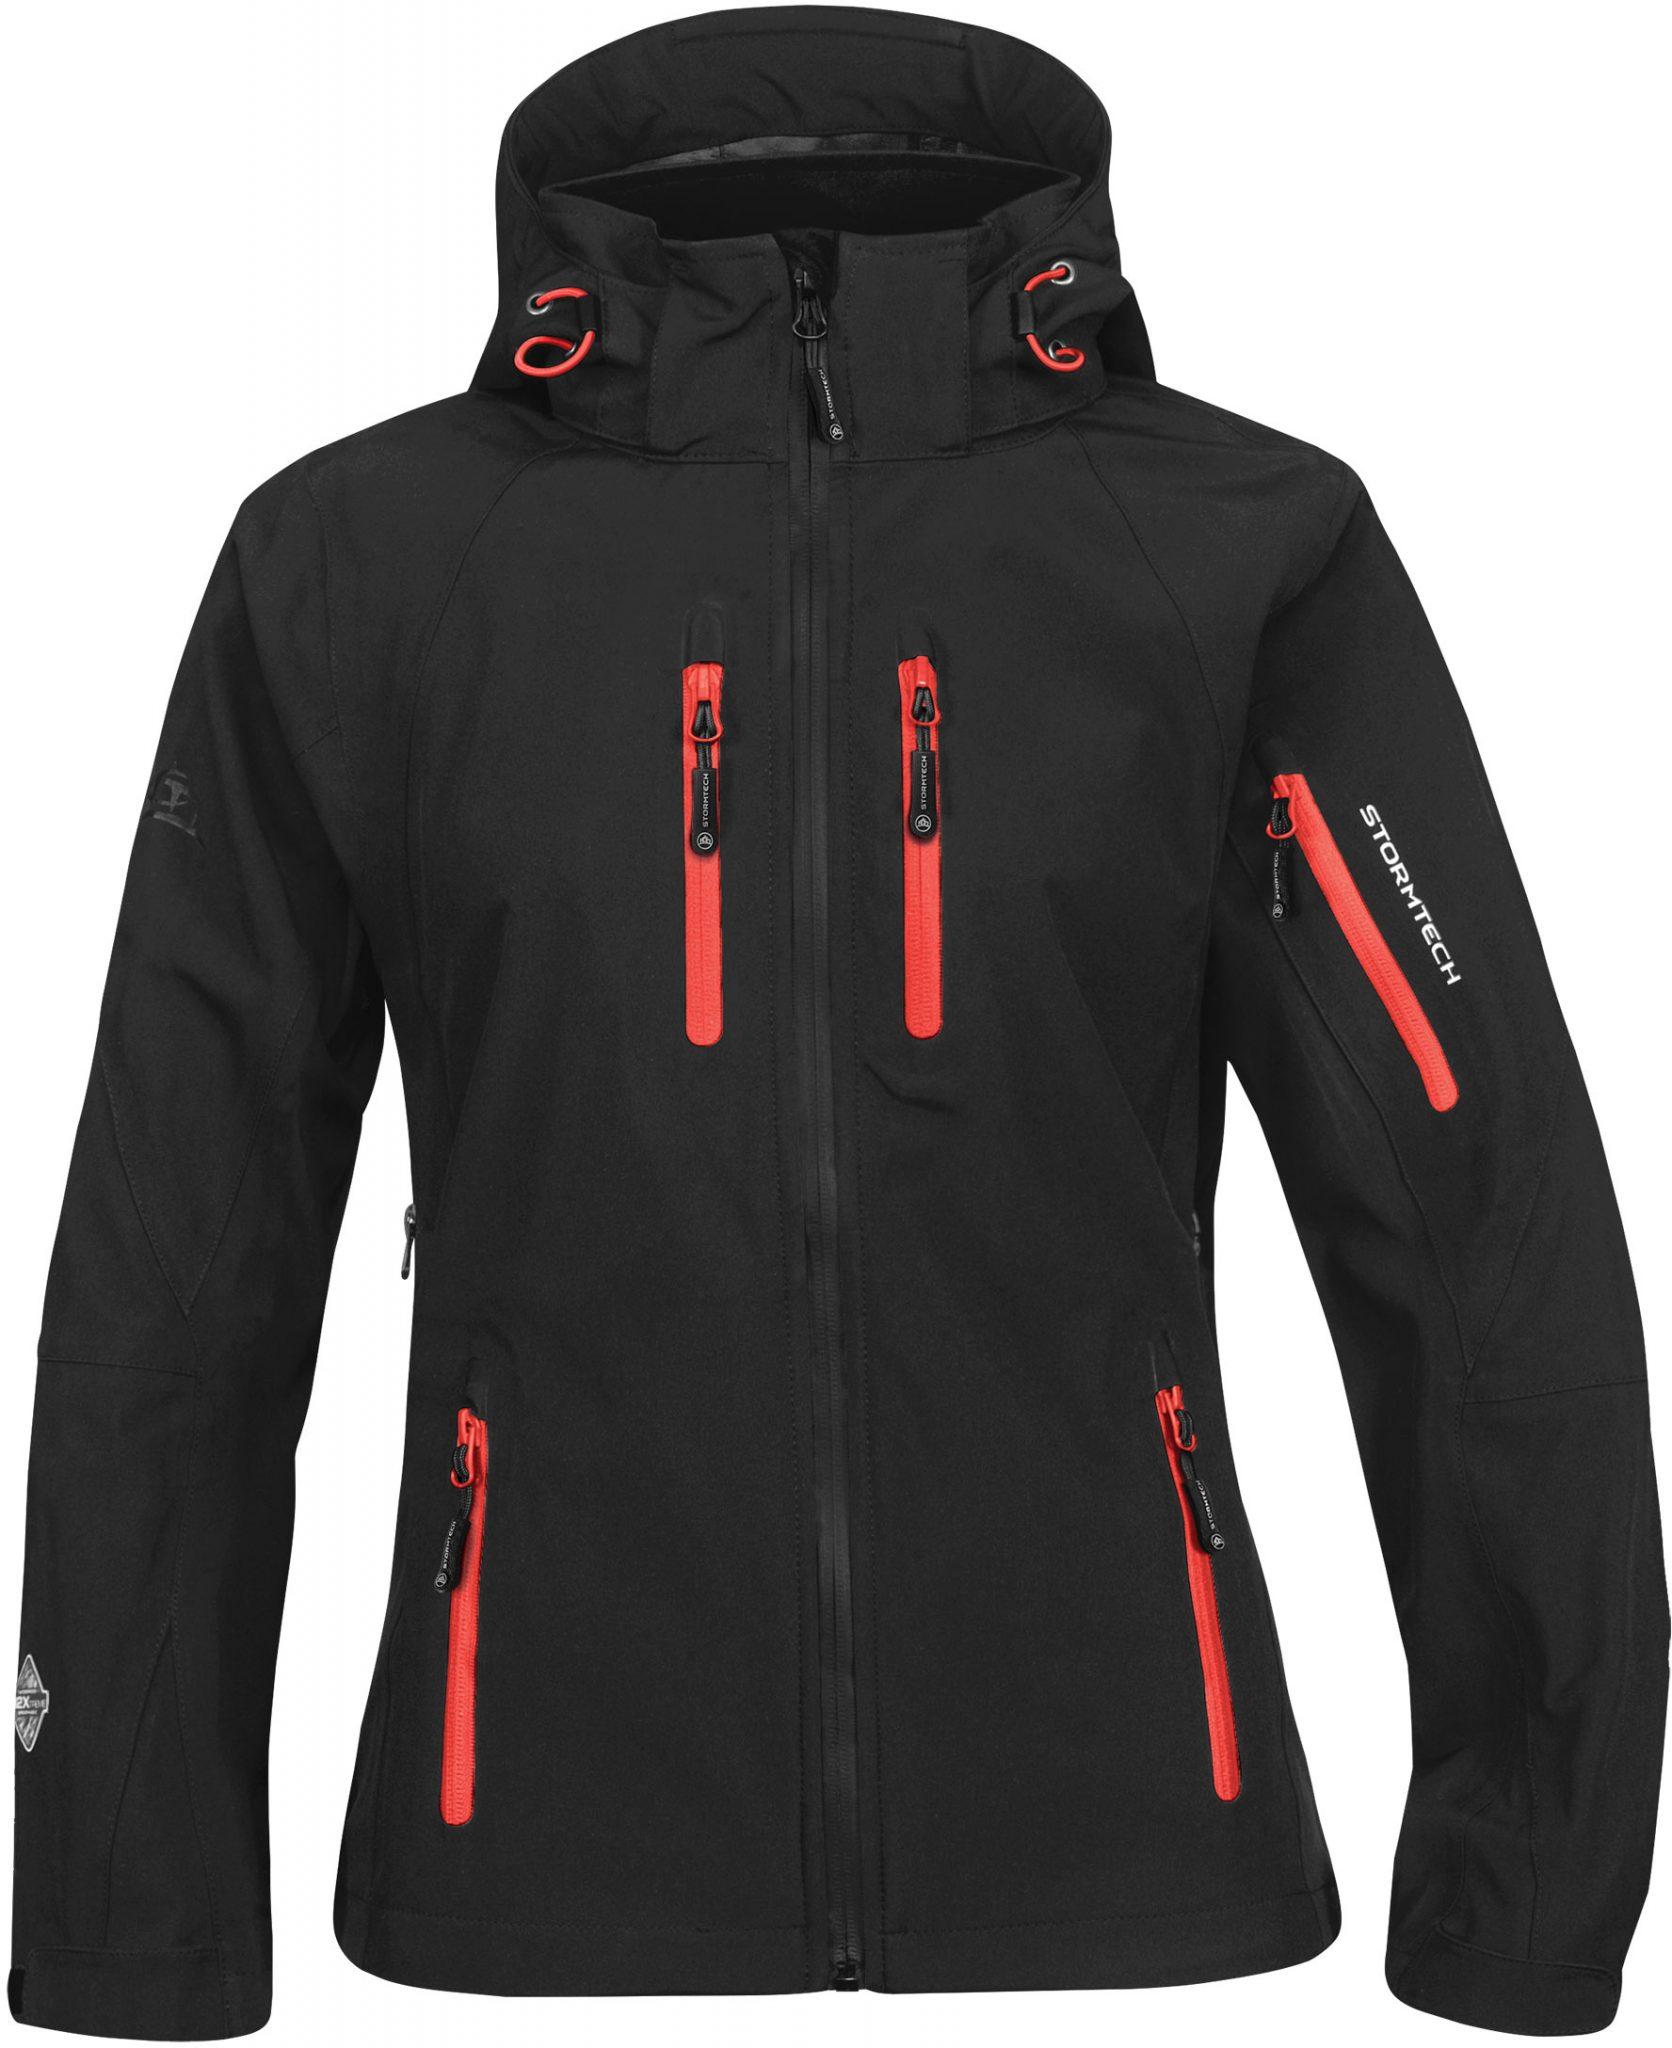 Women's Fitness Adventures Raincoat